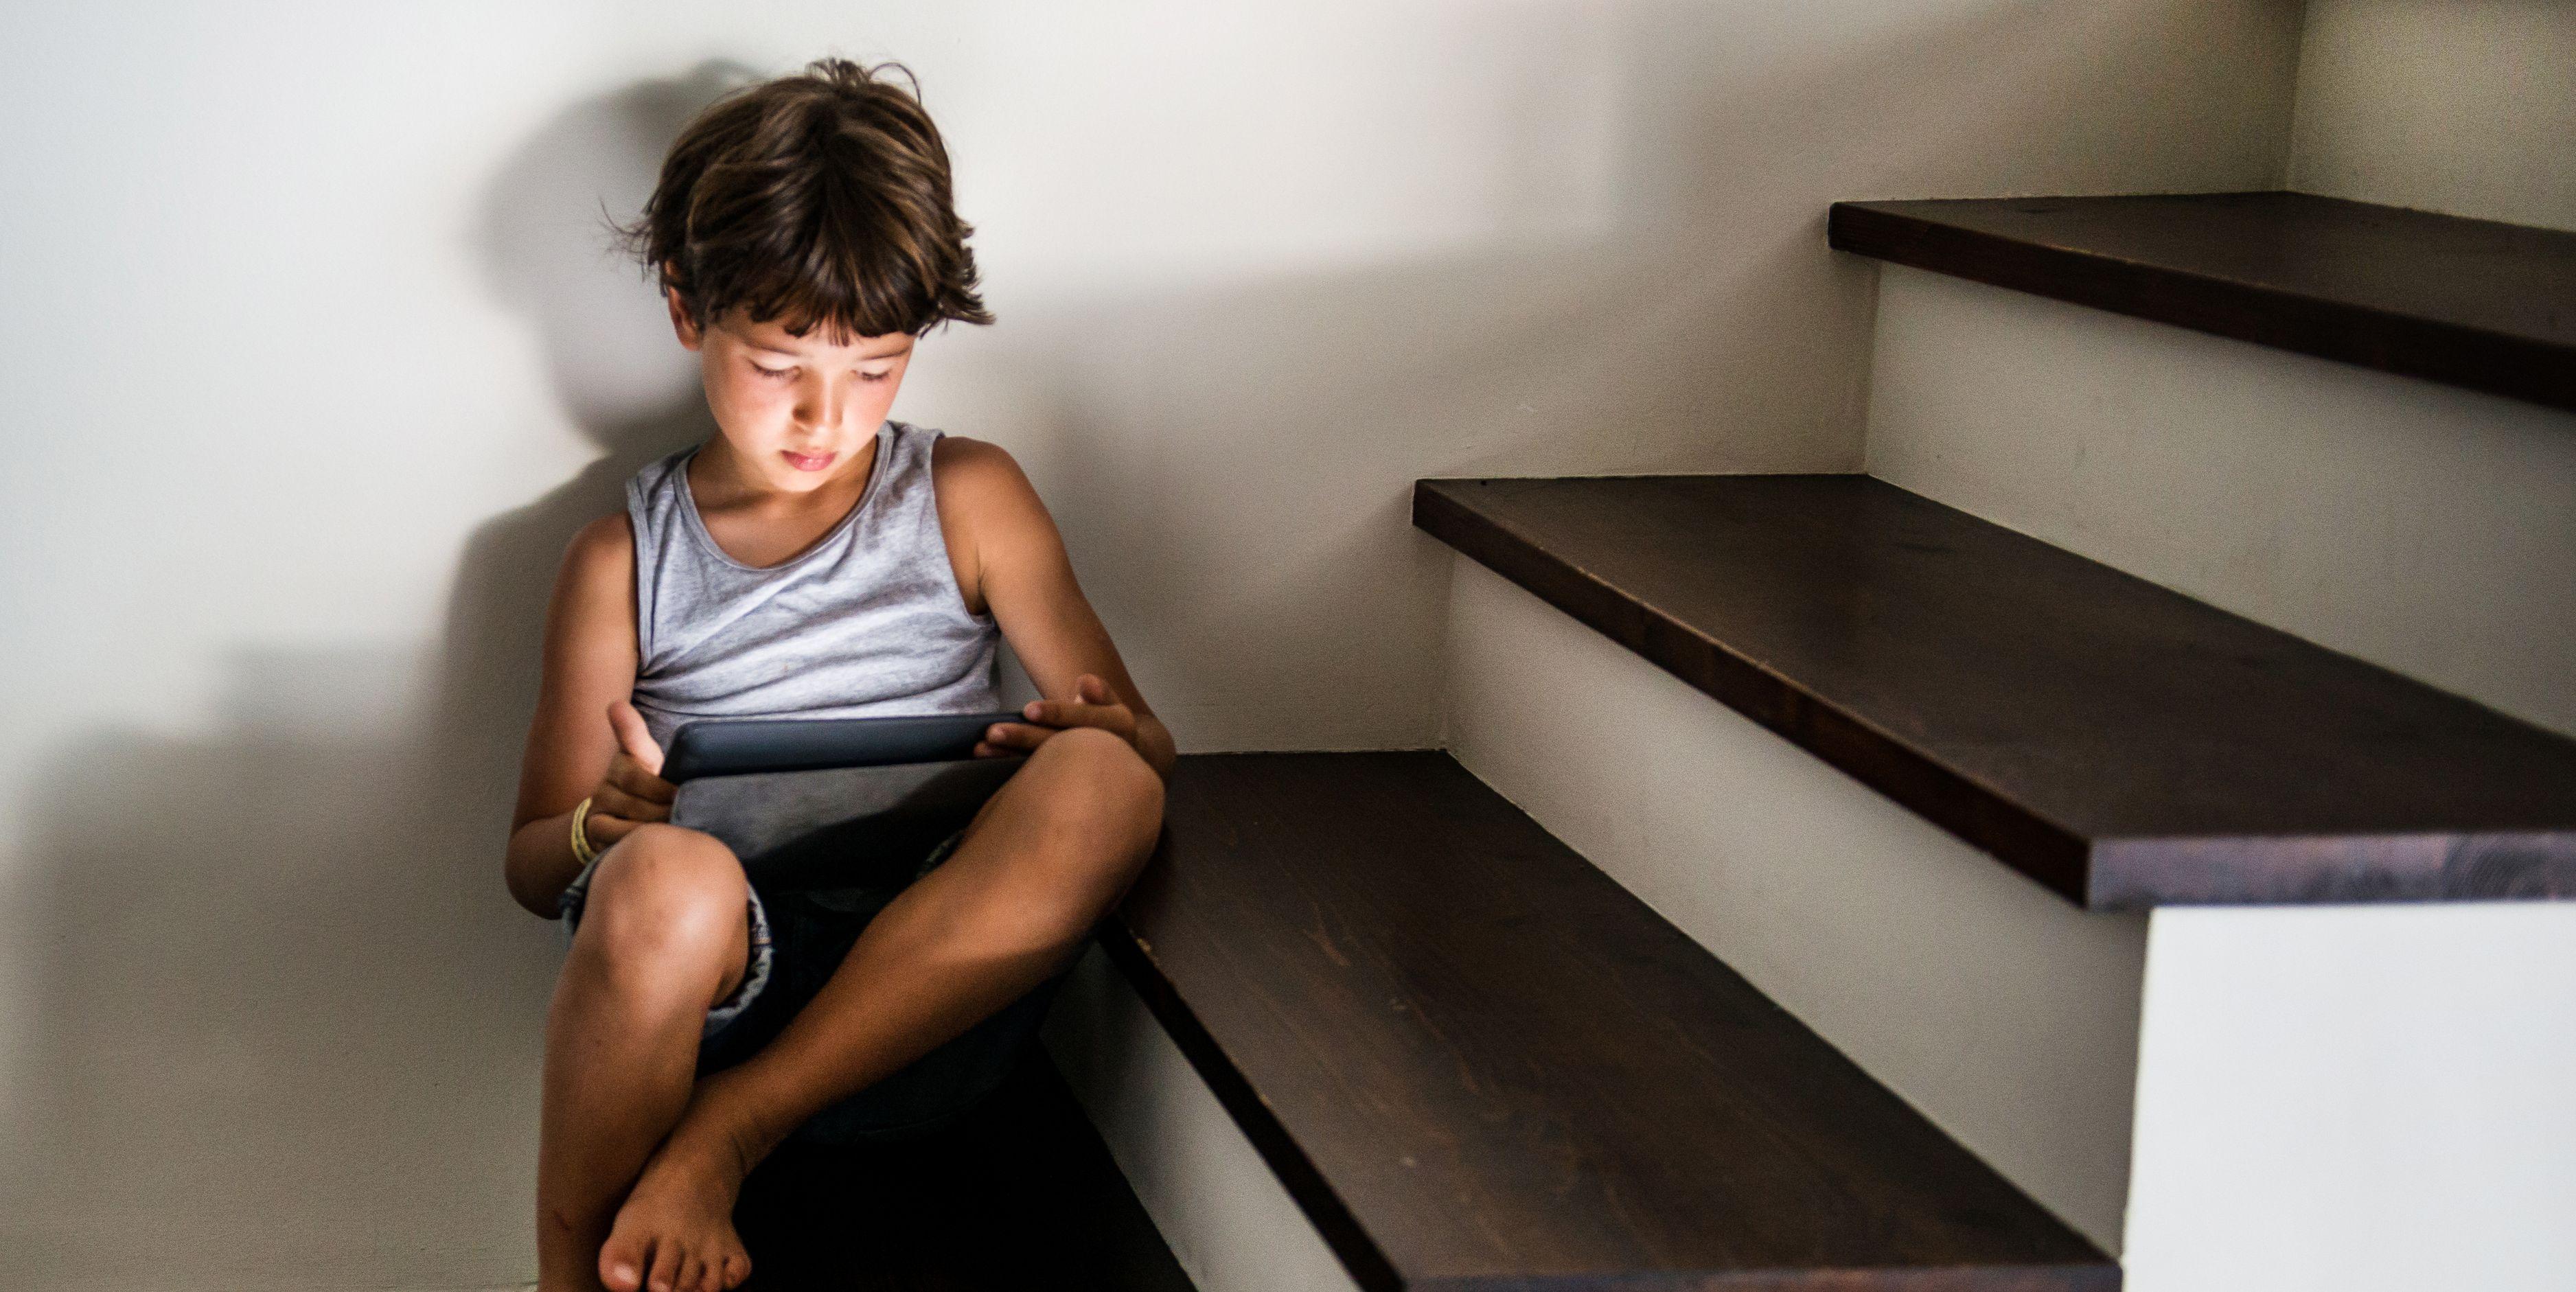 Niño jugando con tablet sentado en escaleras